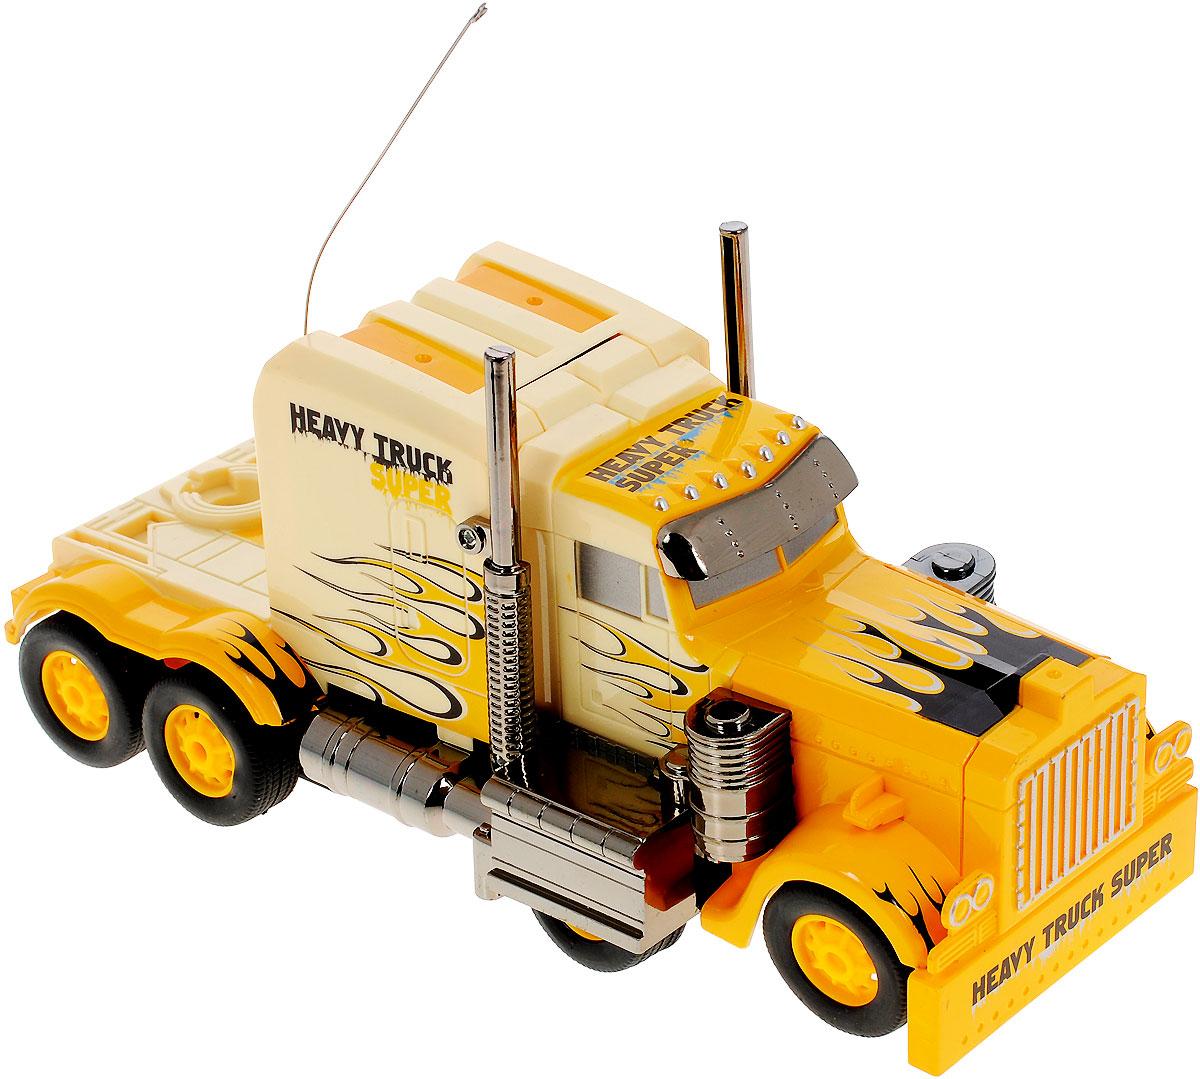 """Машина-трансформер на радиоуправлении Zhorya """"Автоагент"""" обязательно привлечет внимание и взрослого, и ребенка, и несомненно понравится любому мальчишке. Игрушка выполнена в виде грузовика, который нажатием кнопки трансформируется в боевого робота. Модель изготовлена из прочного пластика, имеет прорезиненные колесики, которые обеспечивают надежное сцепление с поверхностью, и дополнена лампочками со световыми эффектами. Игрушка может вращаться на 360°, она двигается вперед, дает задний ход, поворачивает влево и вправо, останавливается. Игрушка также дополнена звуковыми эффектами. Пульт имеет эргономичные ручки, благодаря чему его удобно держать. Ваш ребенок часами будет играть с моделью, придумывая различные истории и устраивая соревнования. Порадуйте его таким замечательным подарком! Пульт управления работает на частоте 27 MHz. Игрушка работает от сменного аккумулятора (входит в комплект). Для работы пульта управления необходимо докупить 2 батарейки..."""